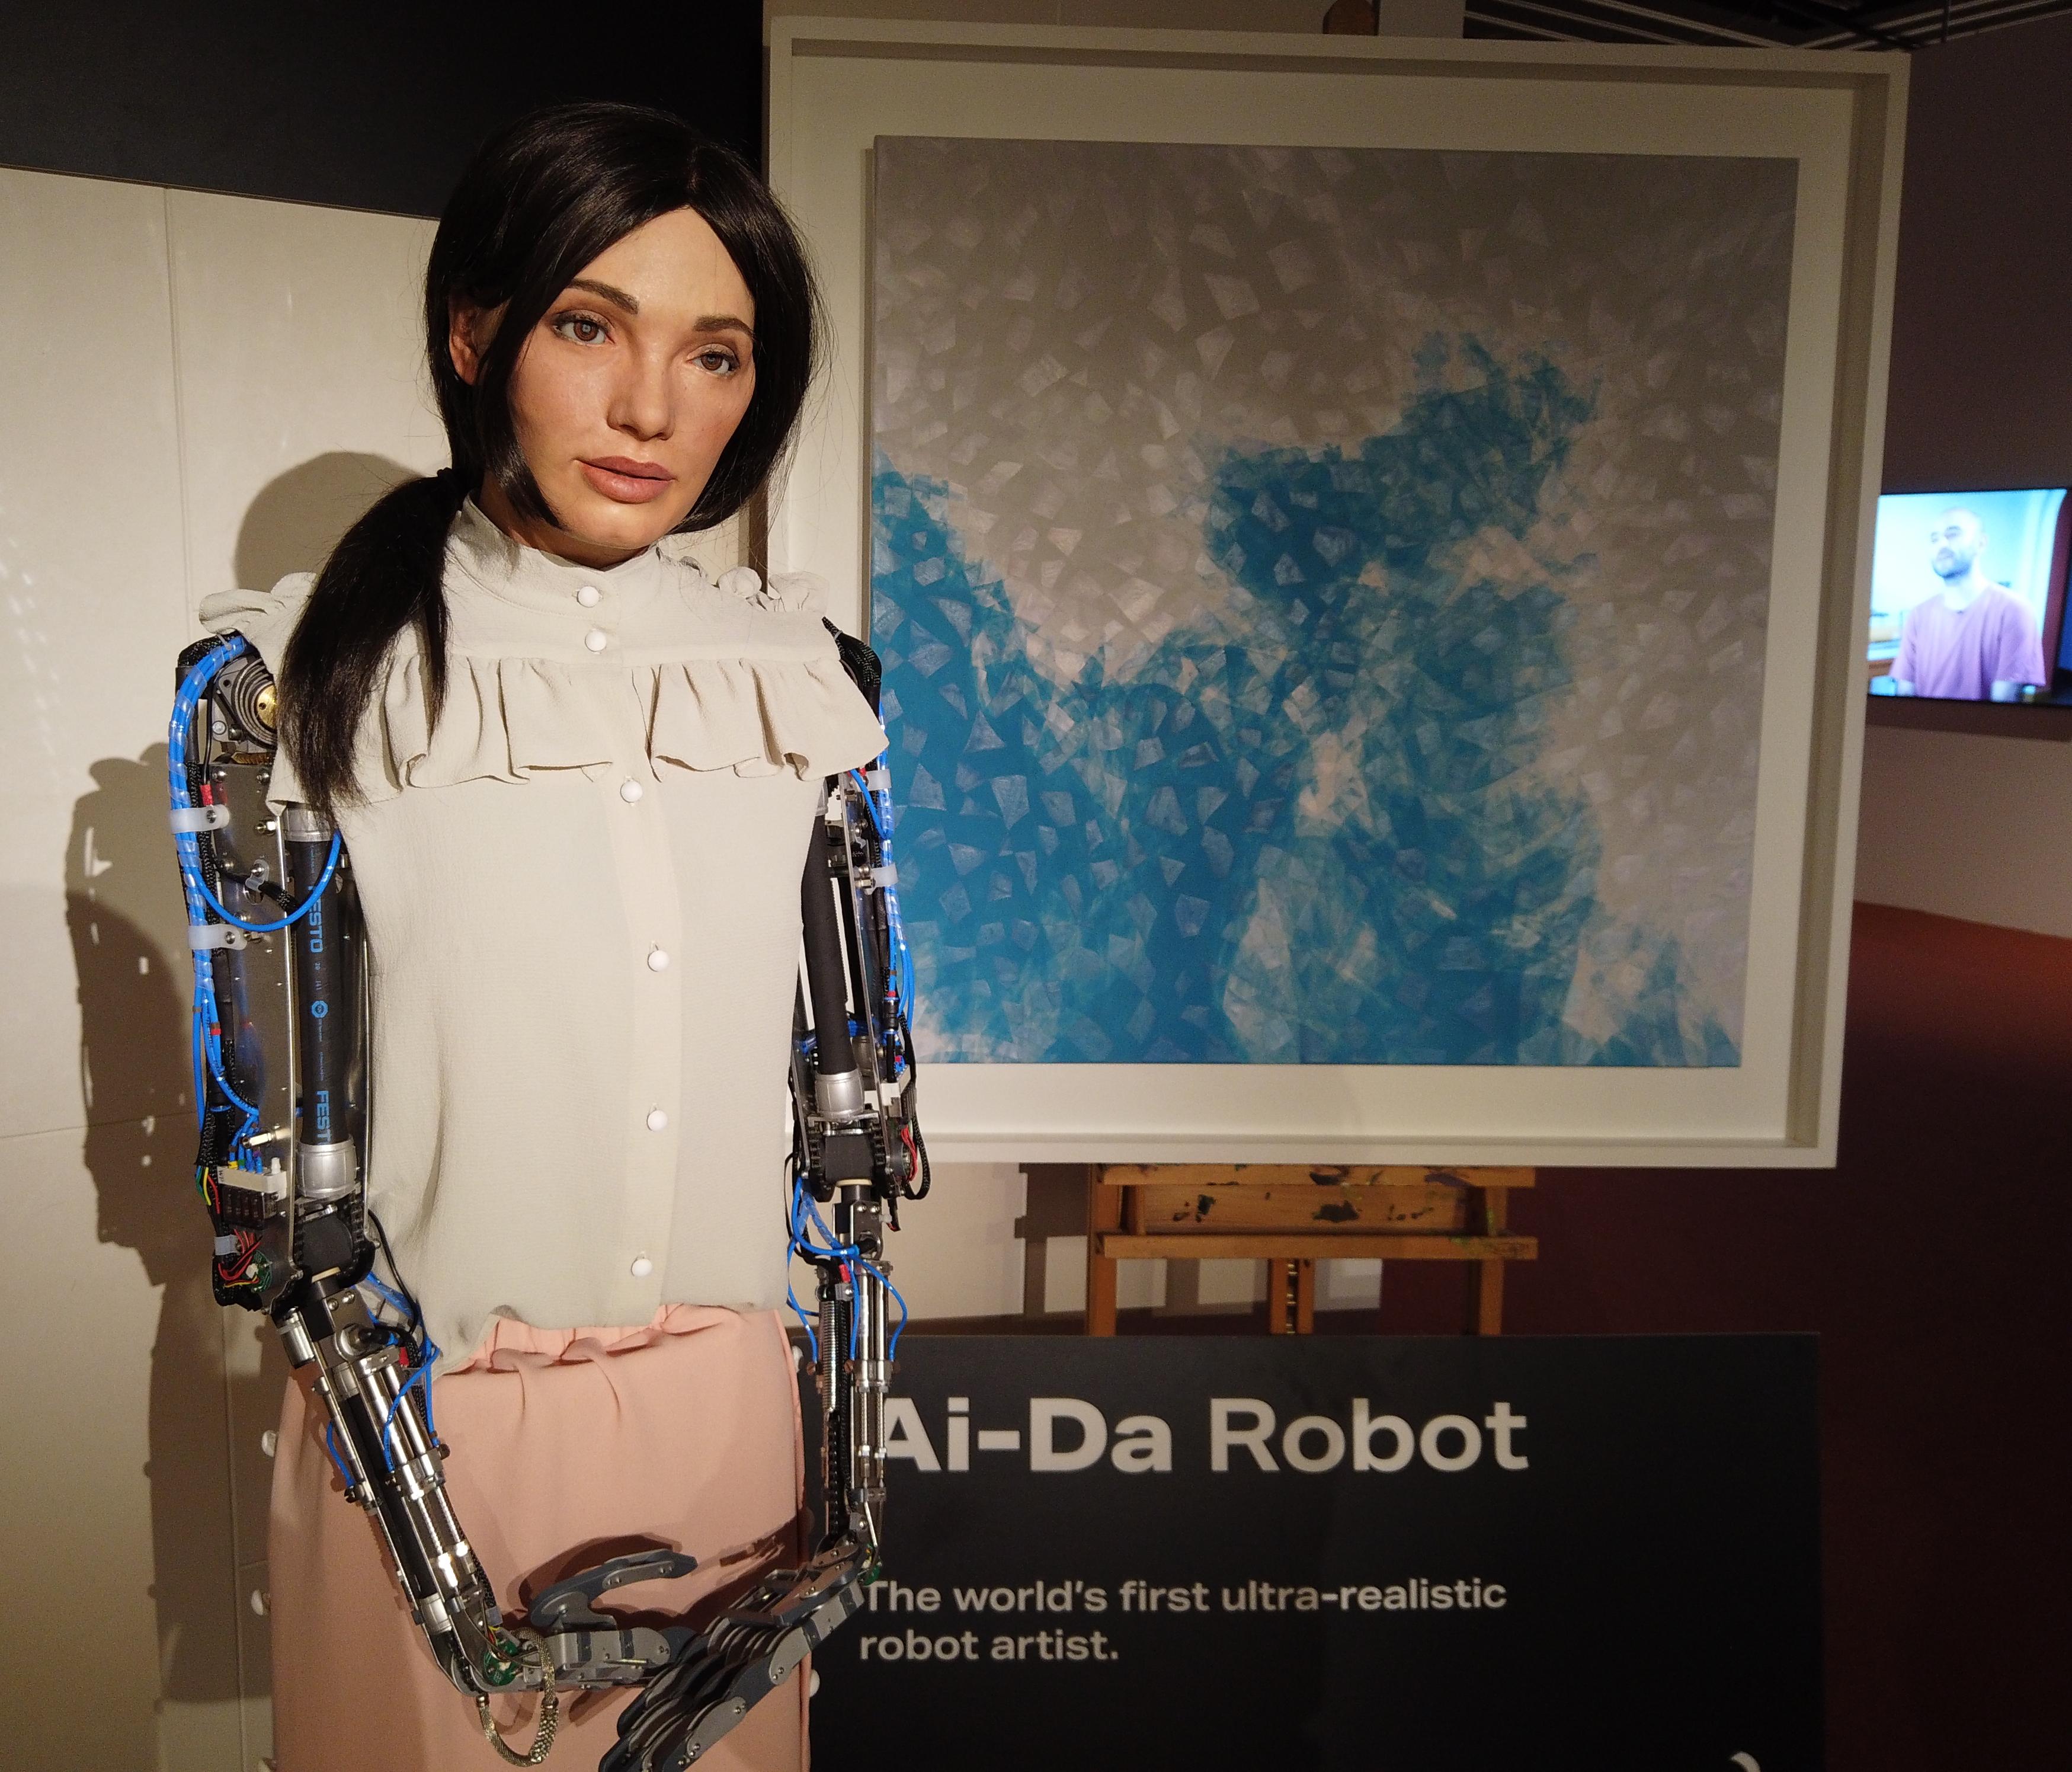 File:Ai-Da Robot at Abu Dhabi Art.jpg - Wikimedia Commons